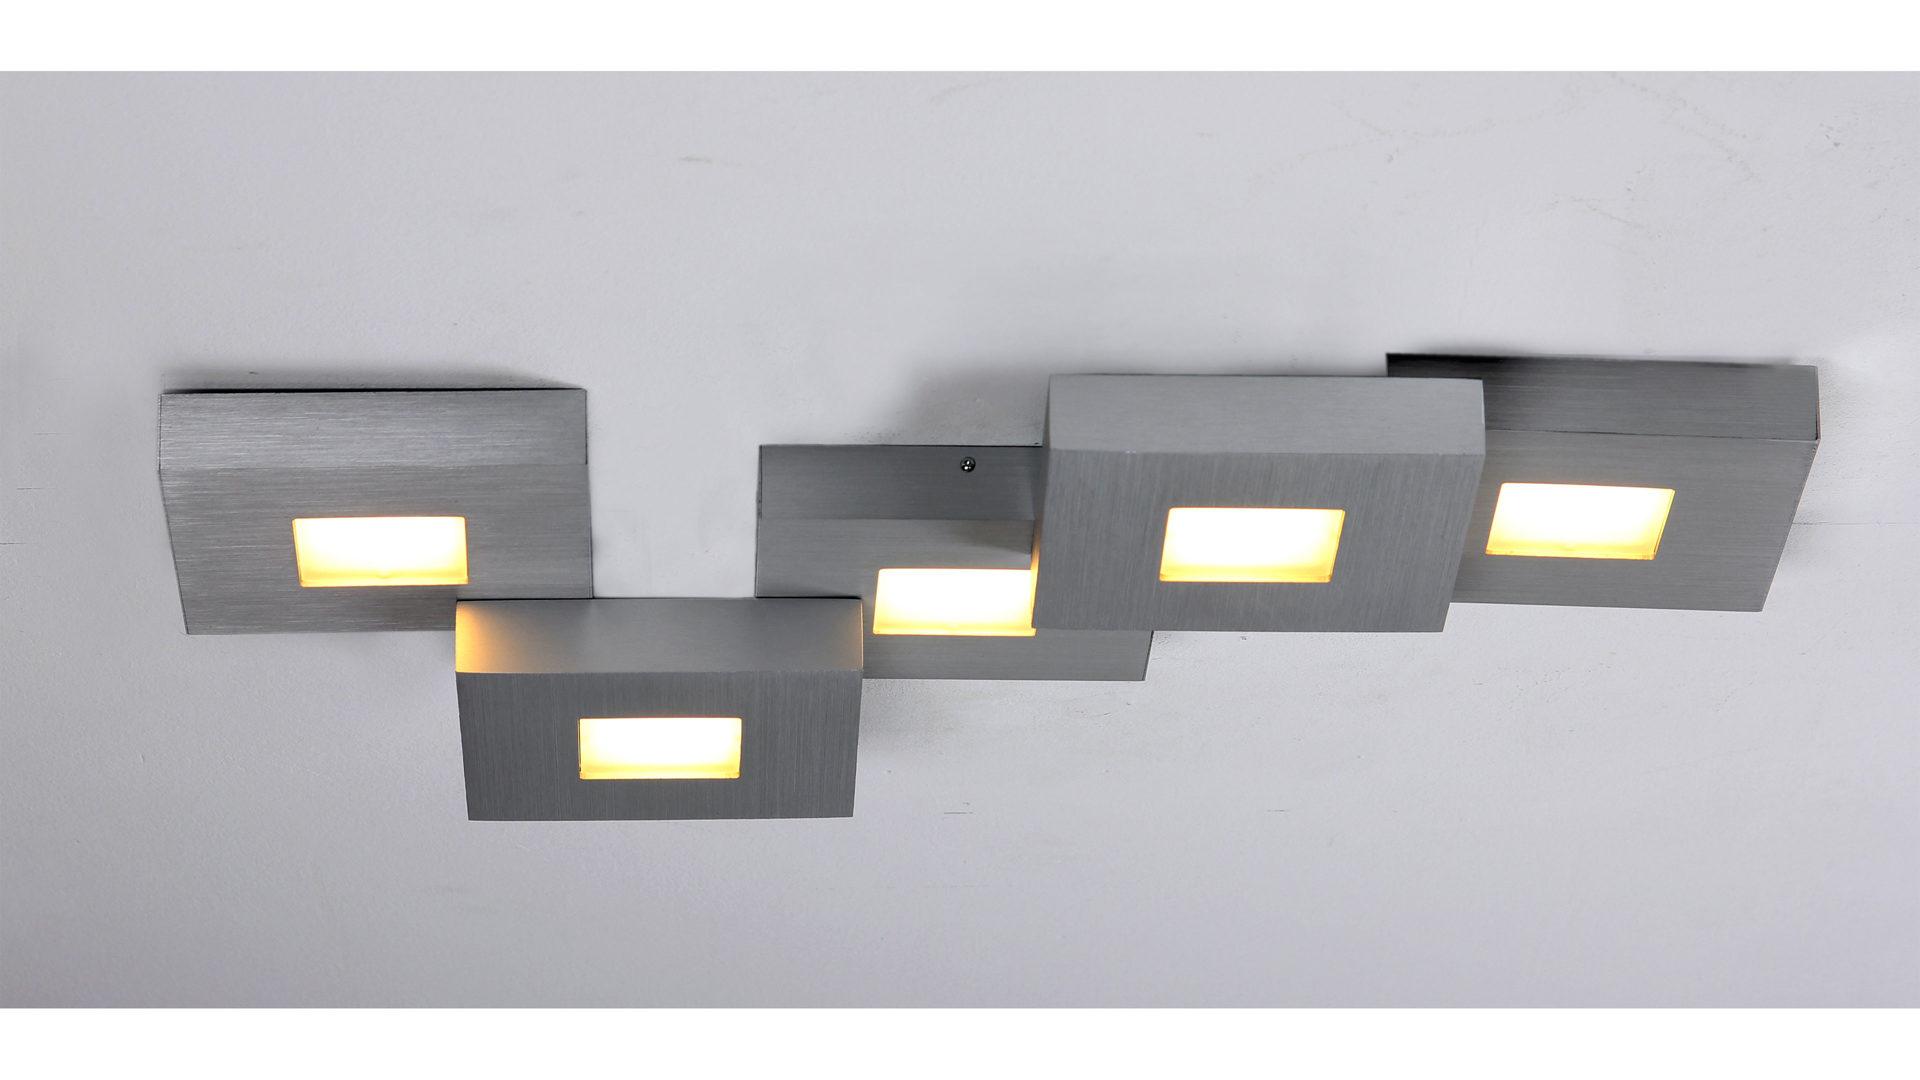 Deckenleuchte Led Küche | kreativ.hbra.online